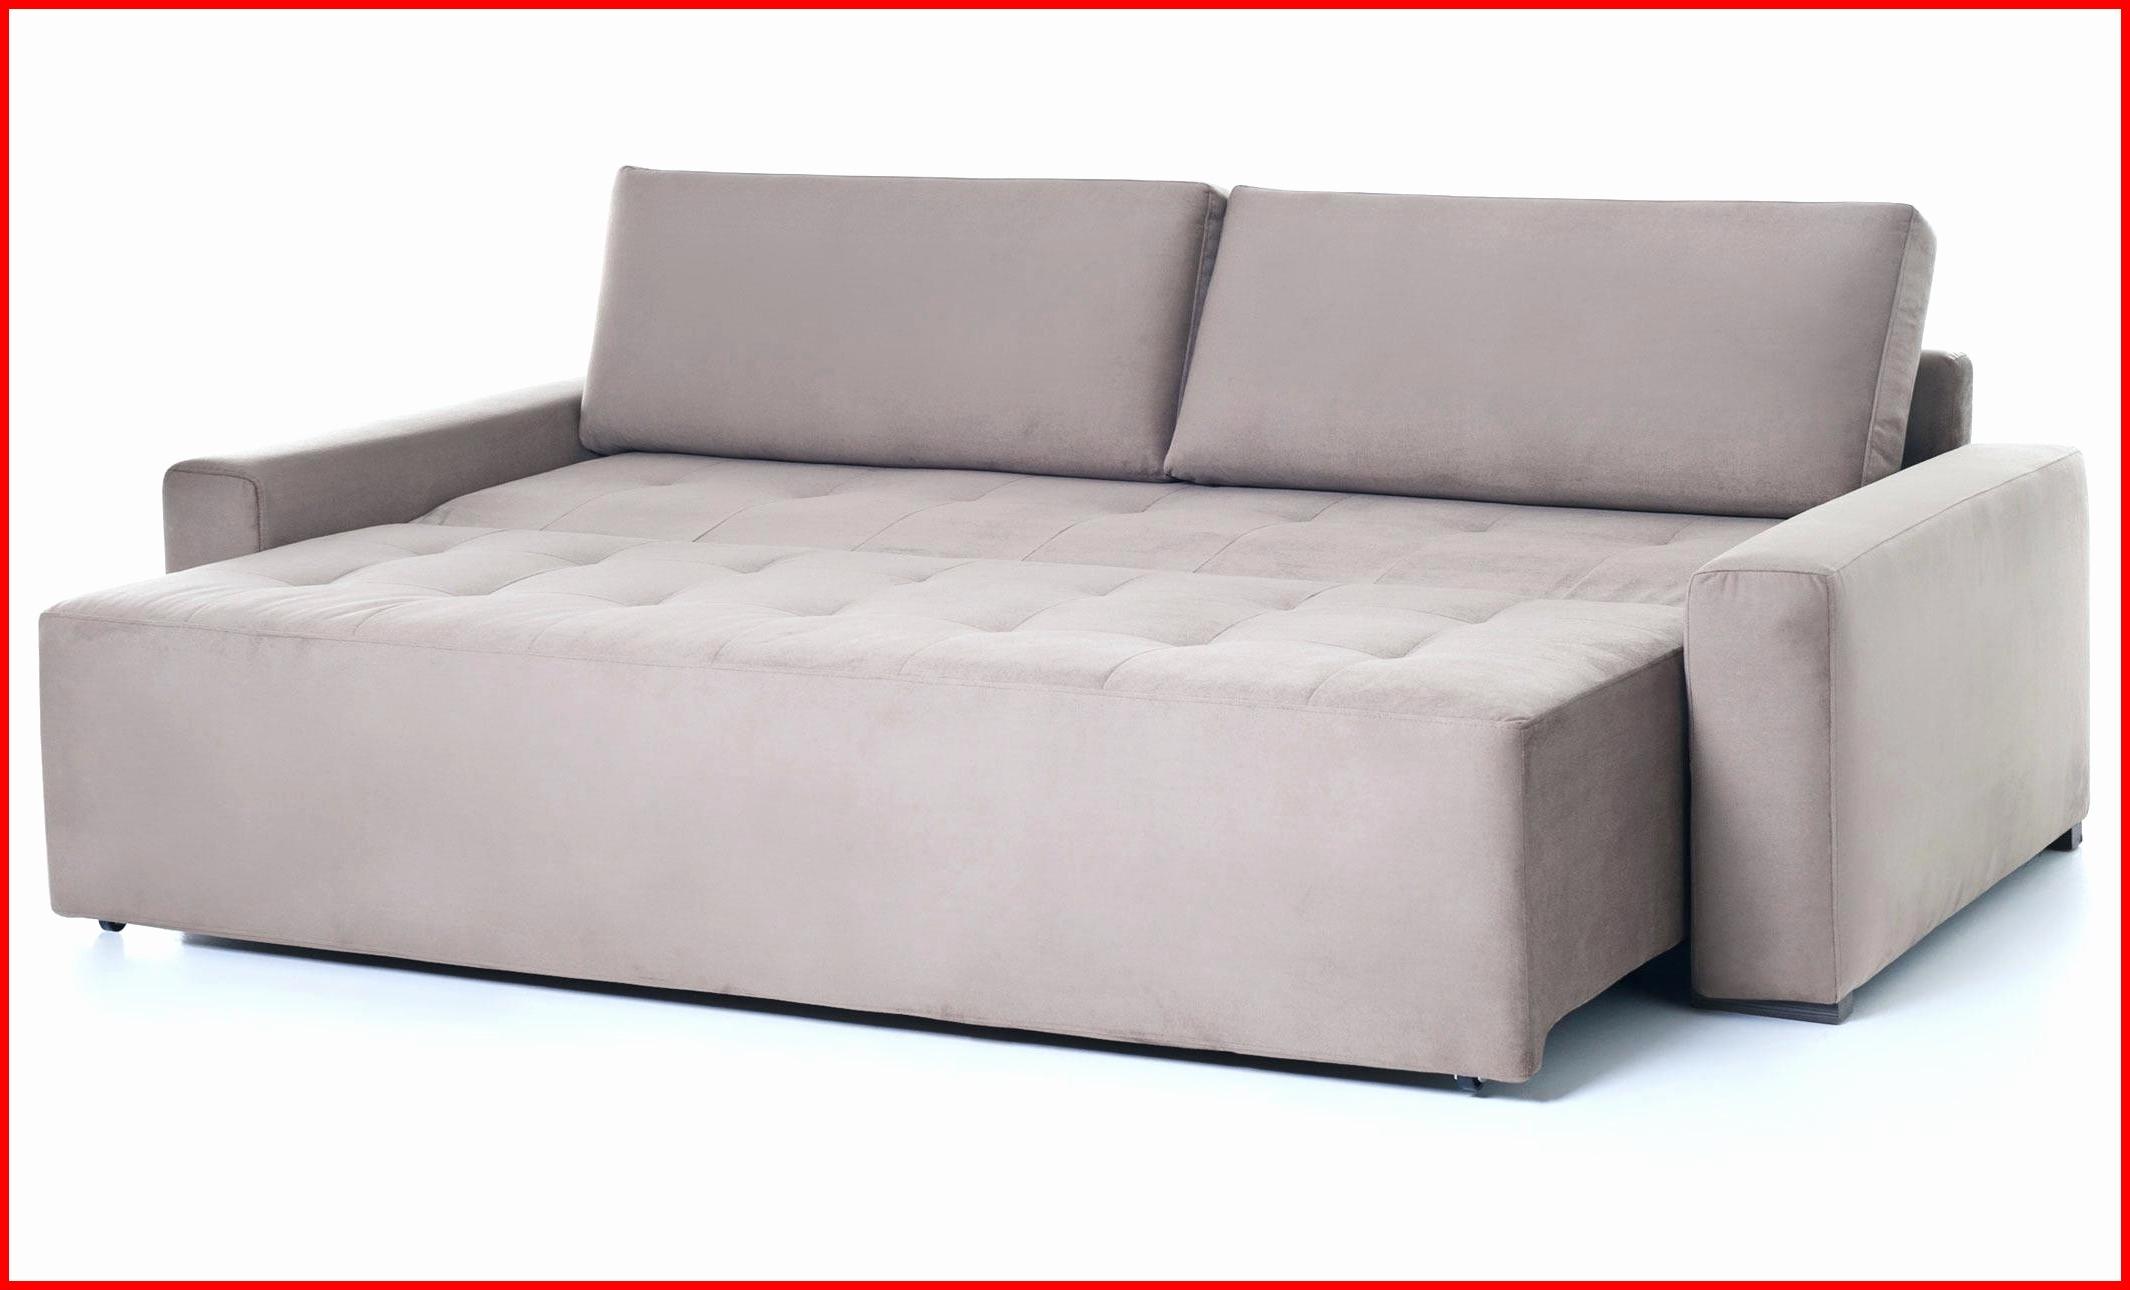 Sofas Ikea Baratos Whdr tonnant sofa Cama Ikea Intended for tonnant sofa Cama Ikea 3